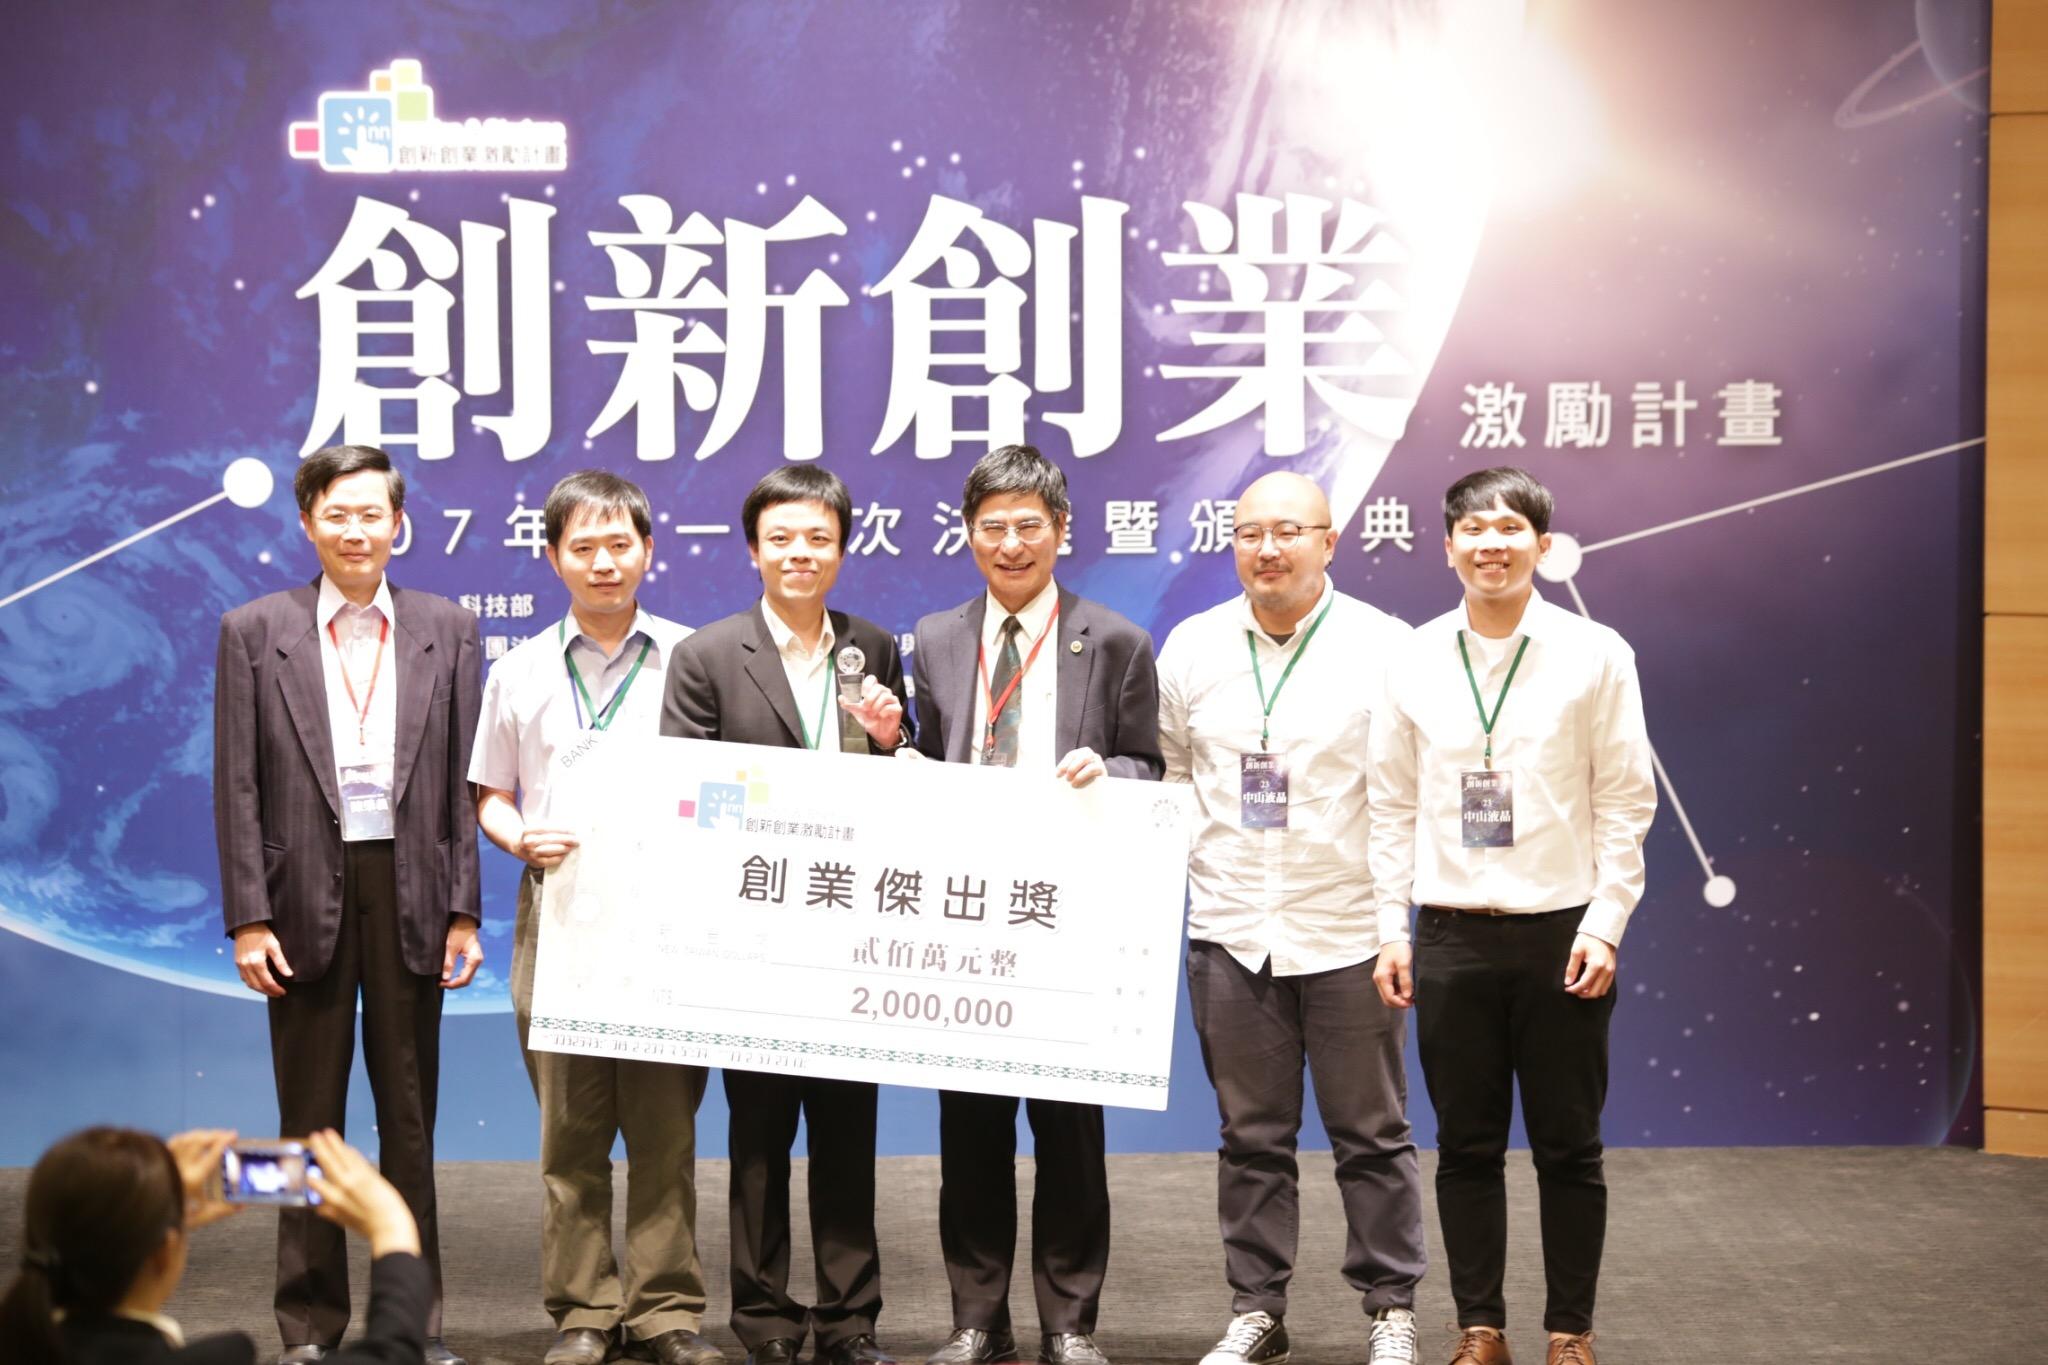 團隊榮獲科技部創業傑出獎